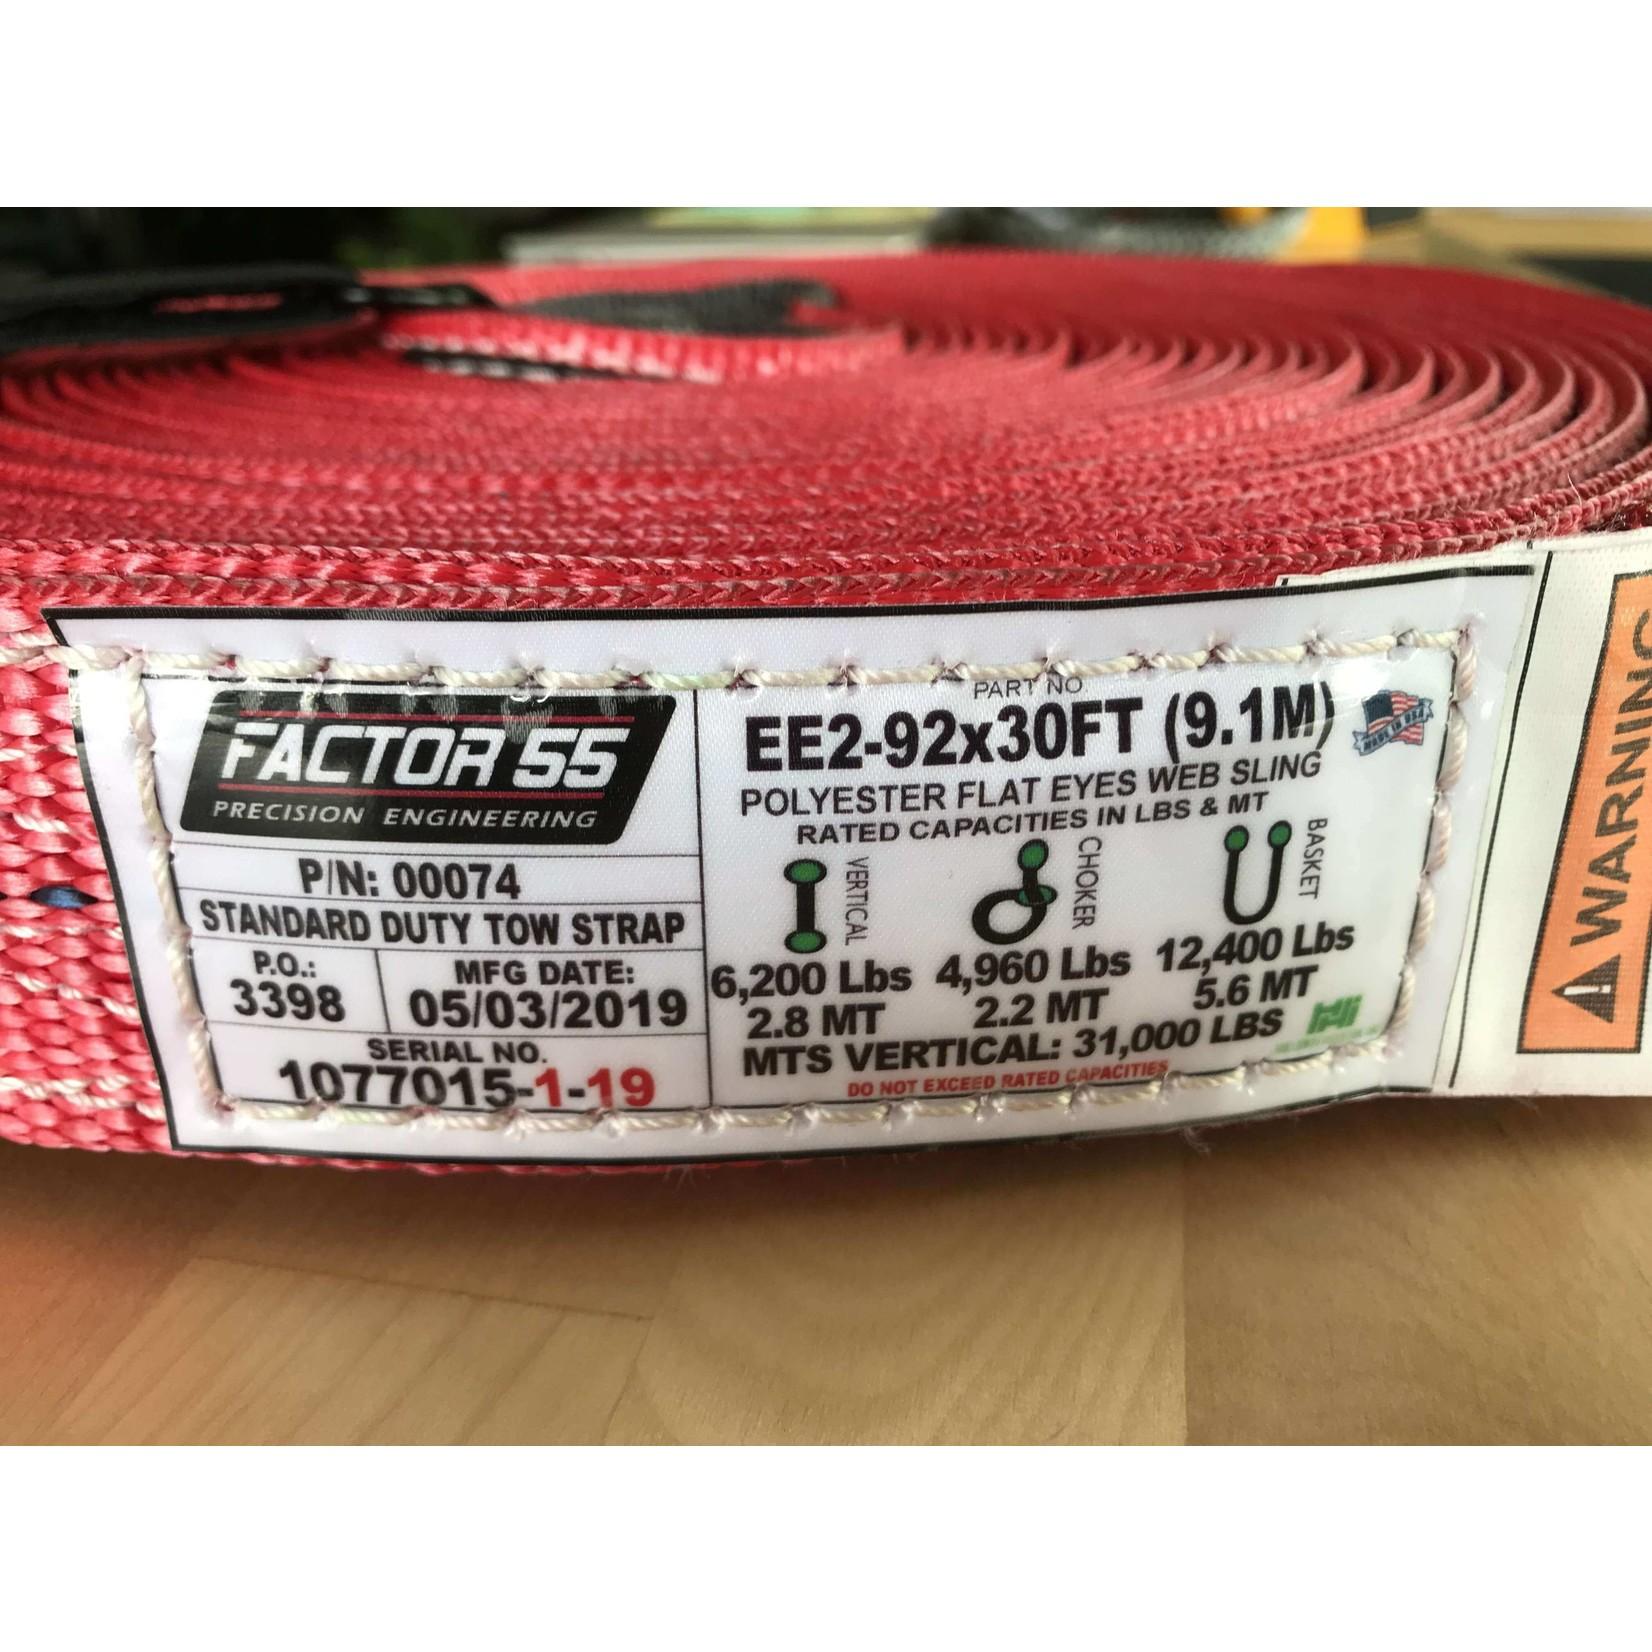 Factor 55 Factor 55 Tow Straps